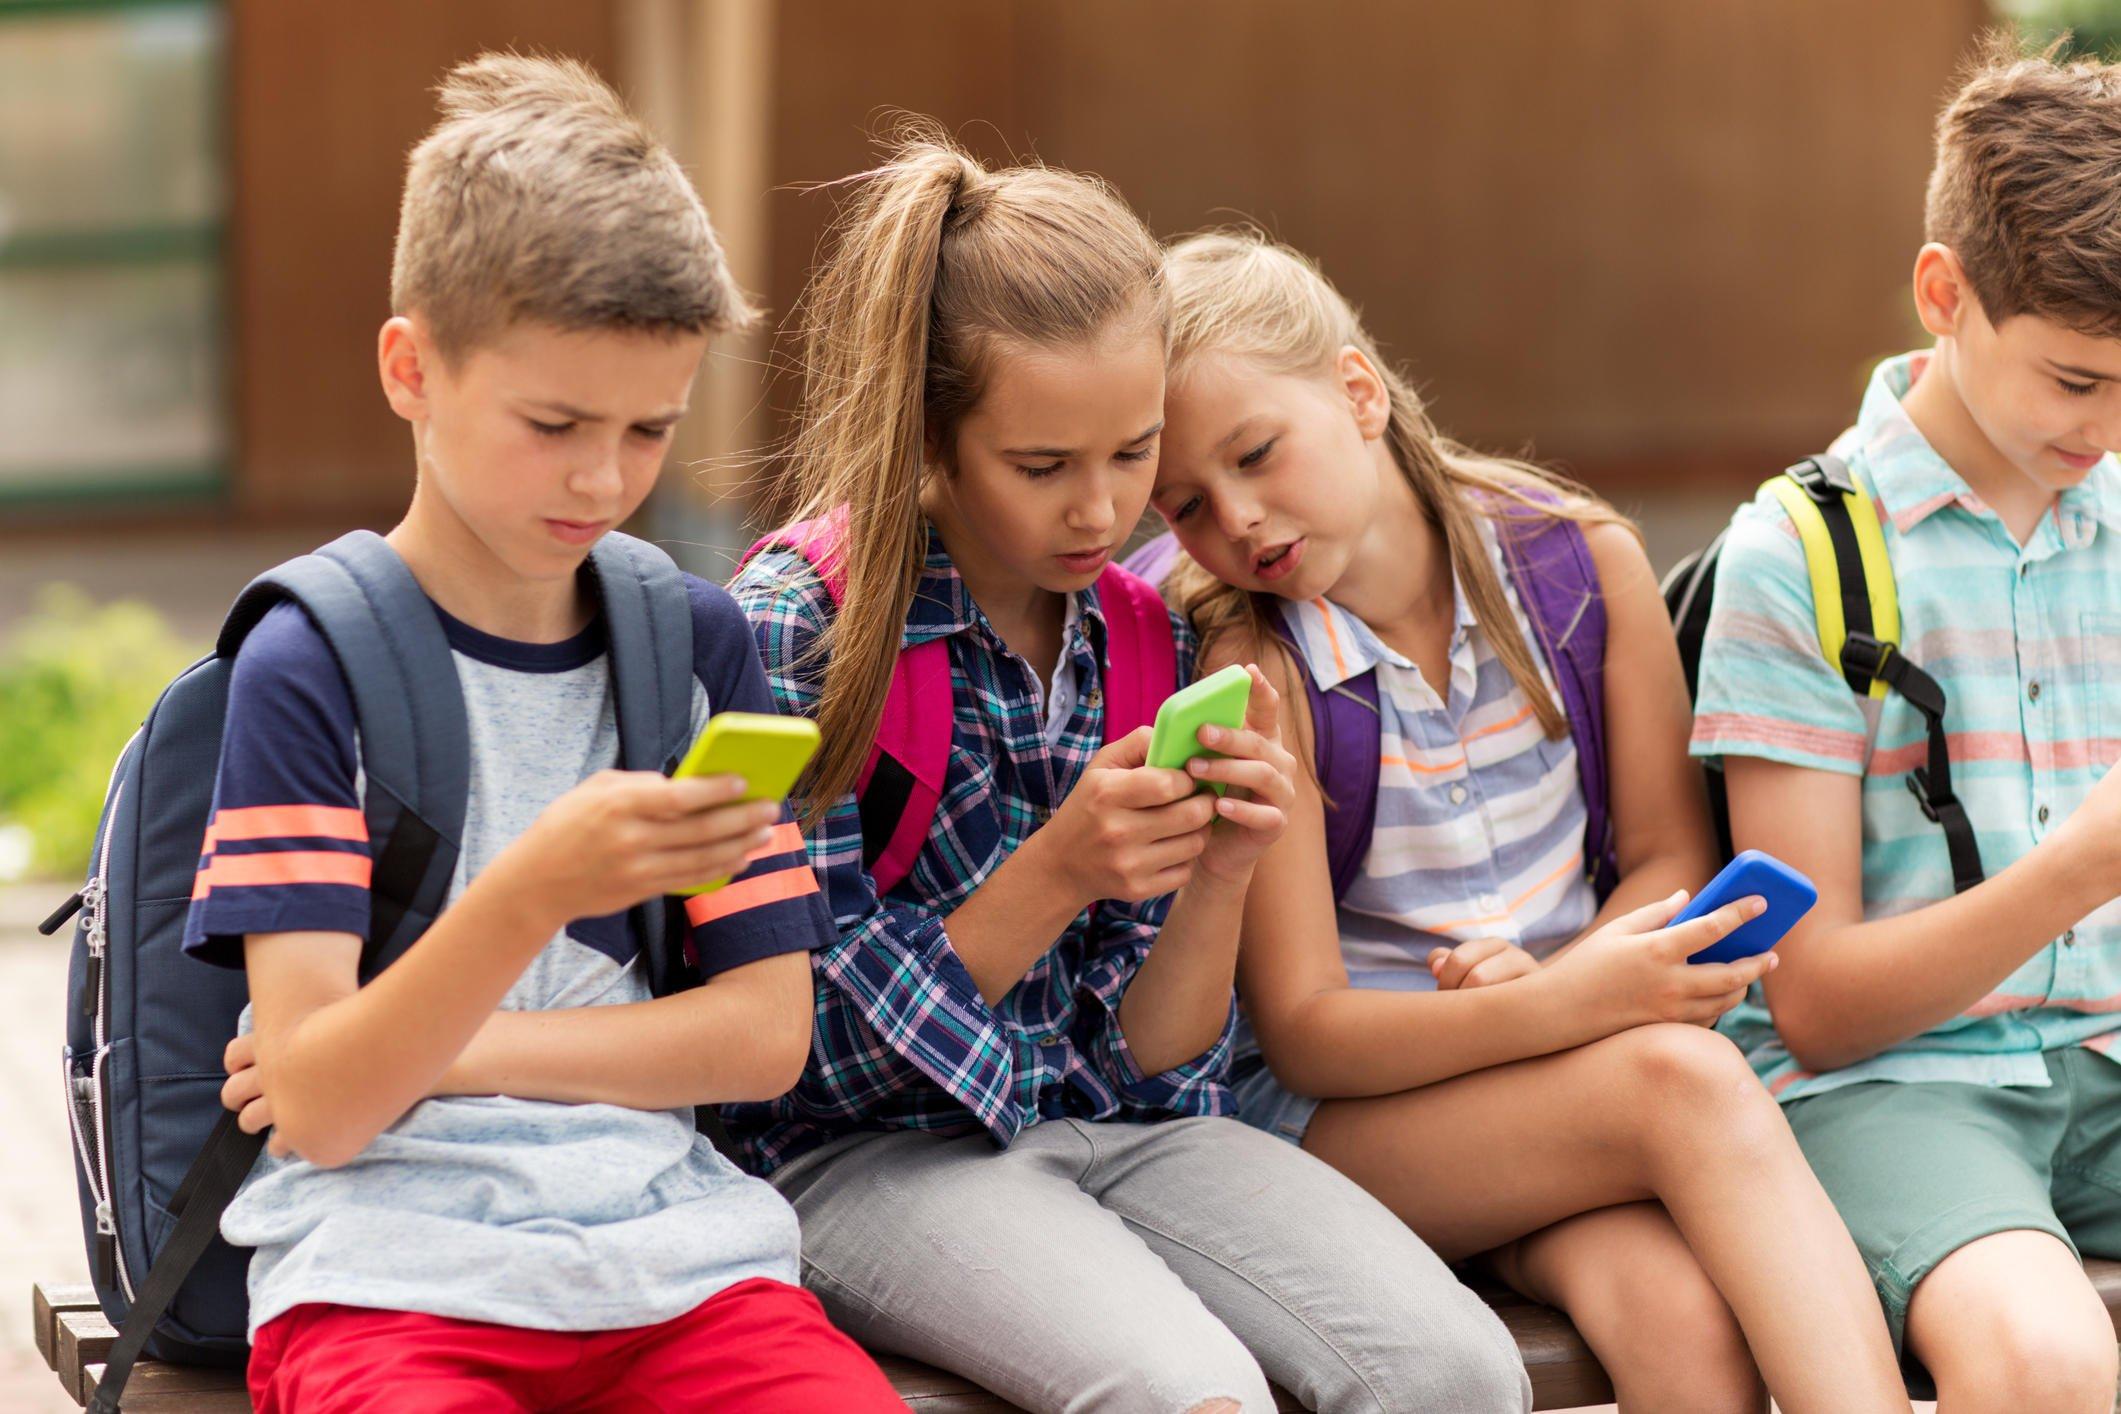 подростки залипают в смартфонах